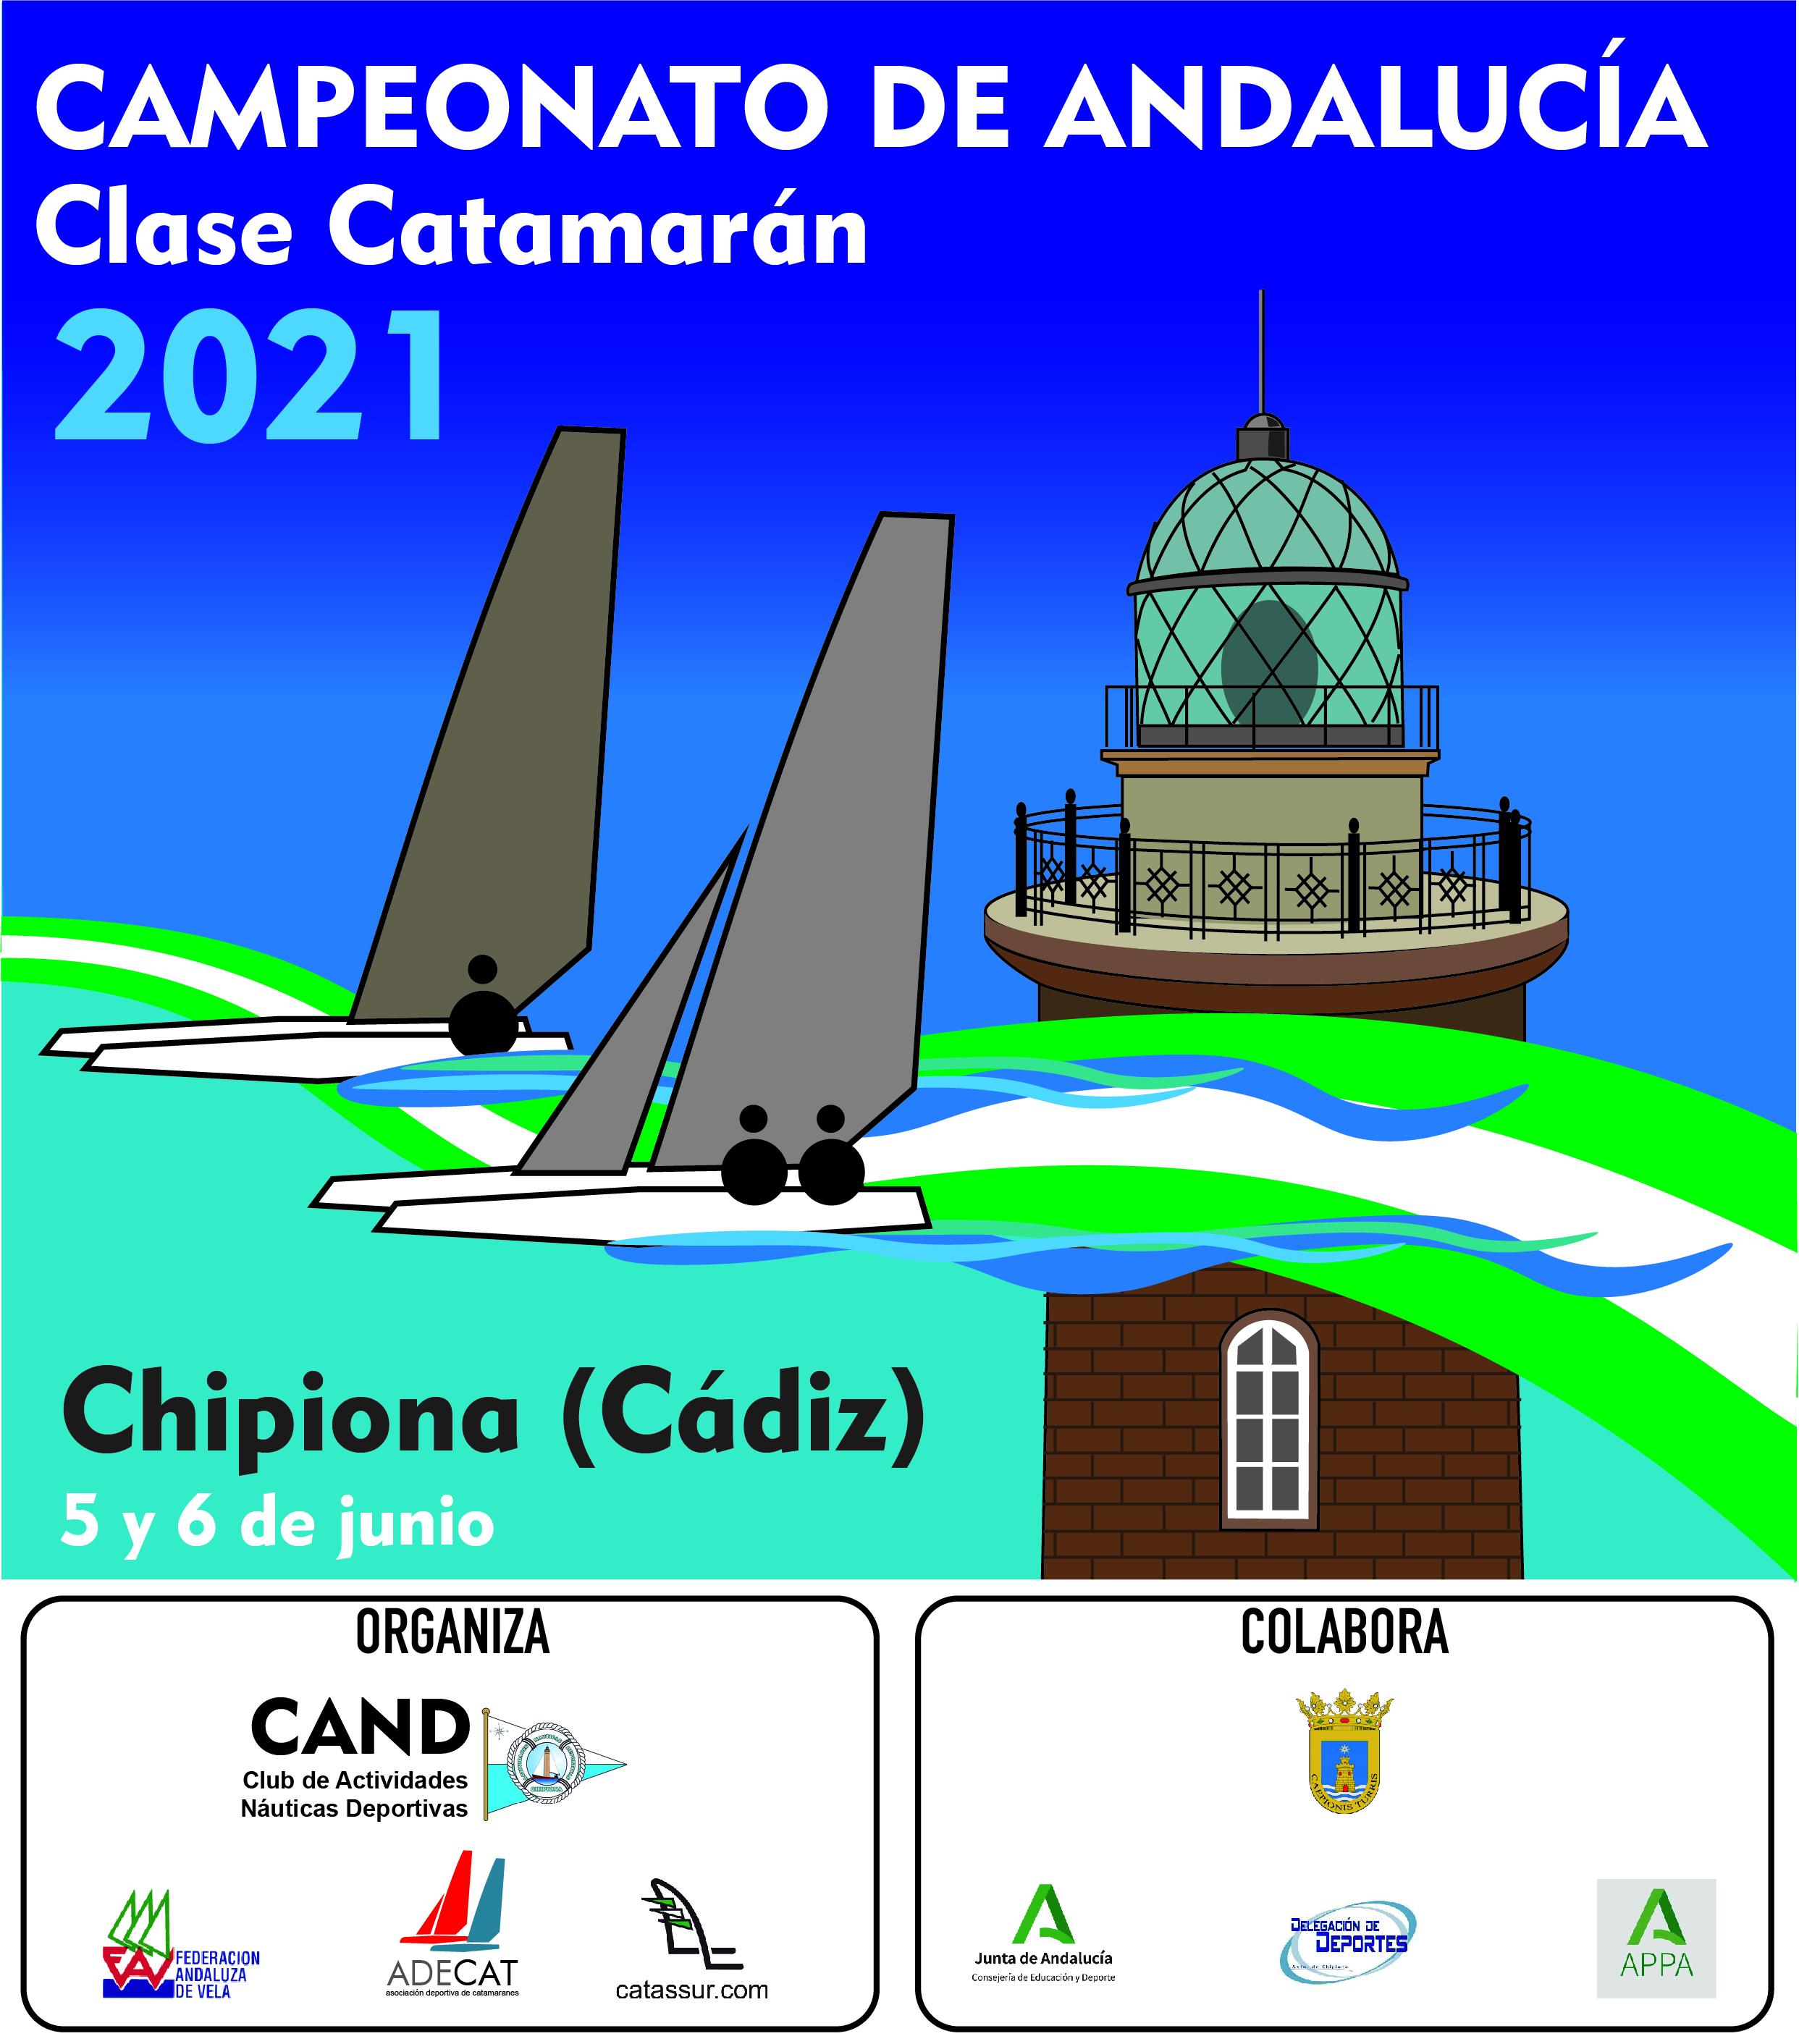 campeonato-andalucia-2021